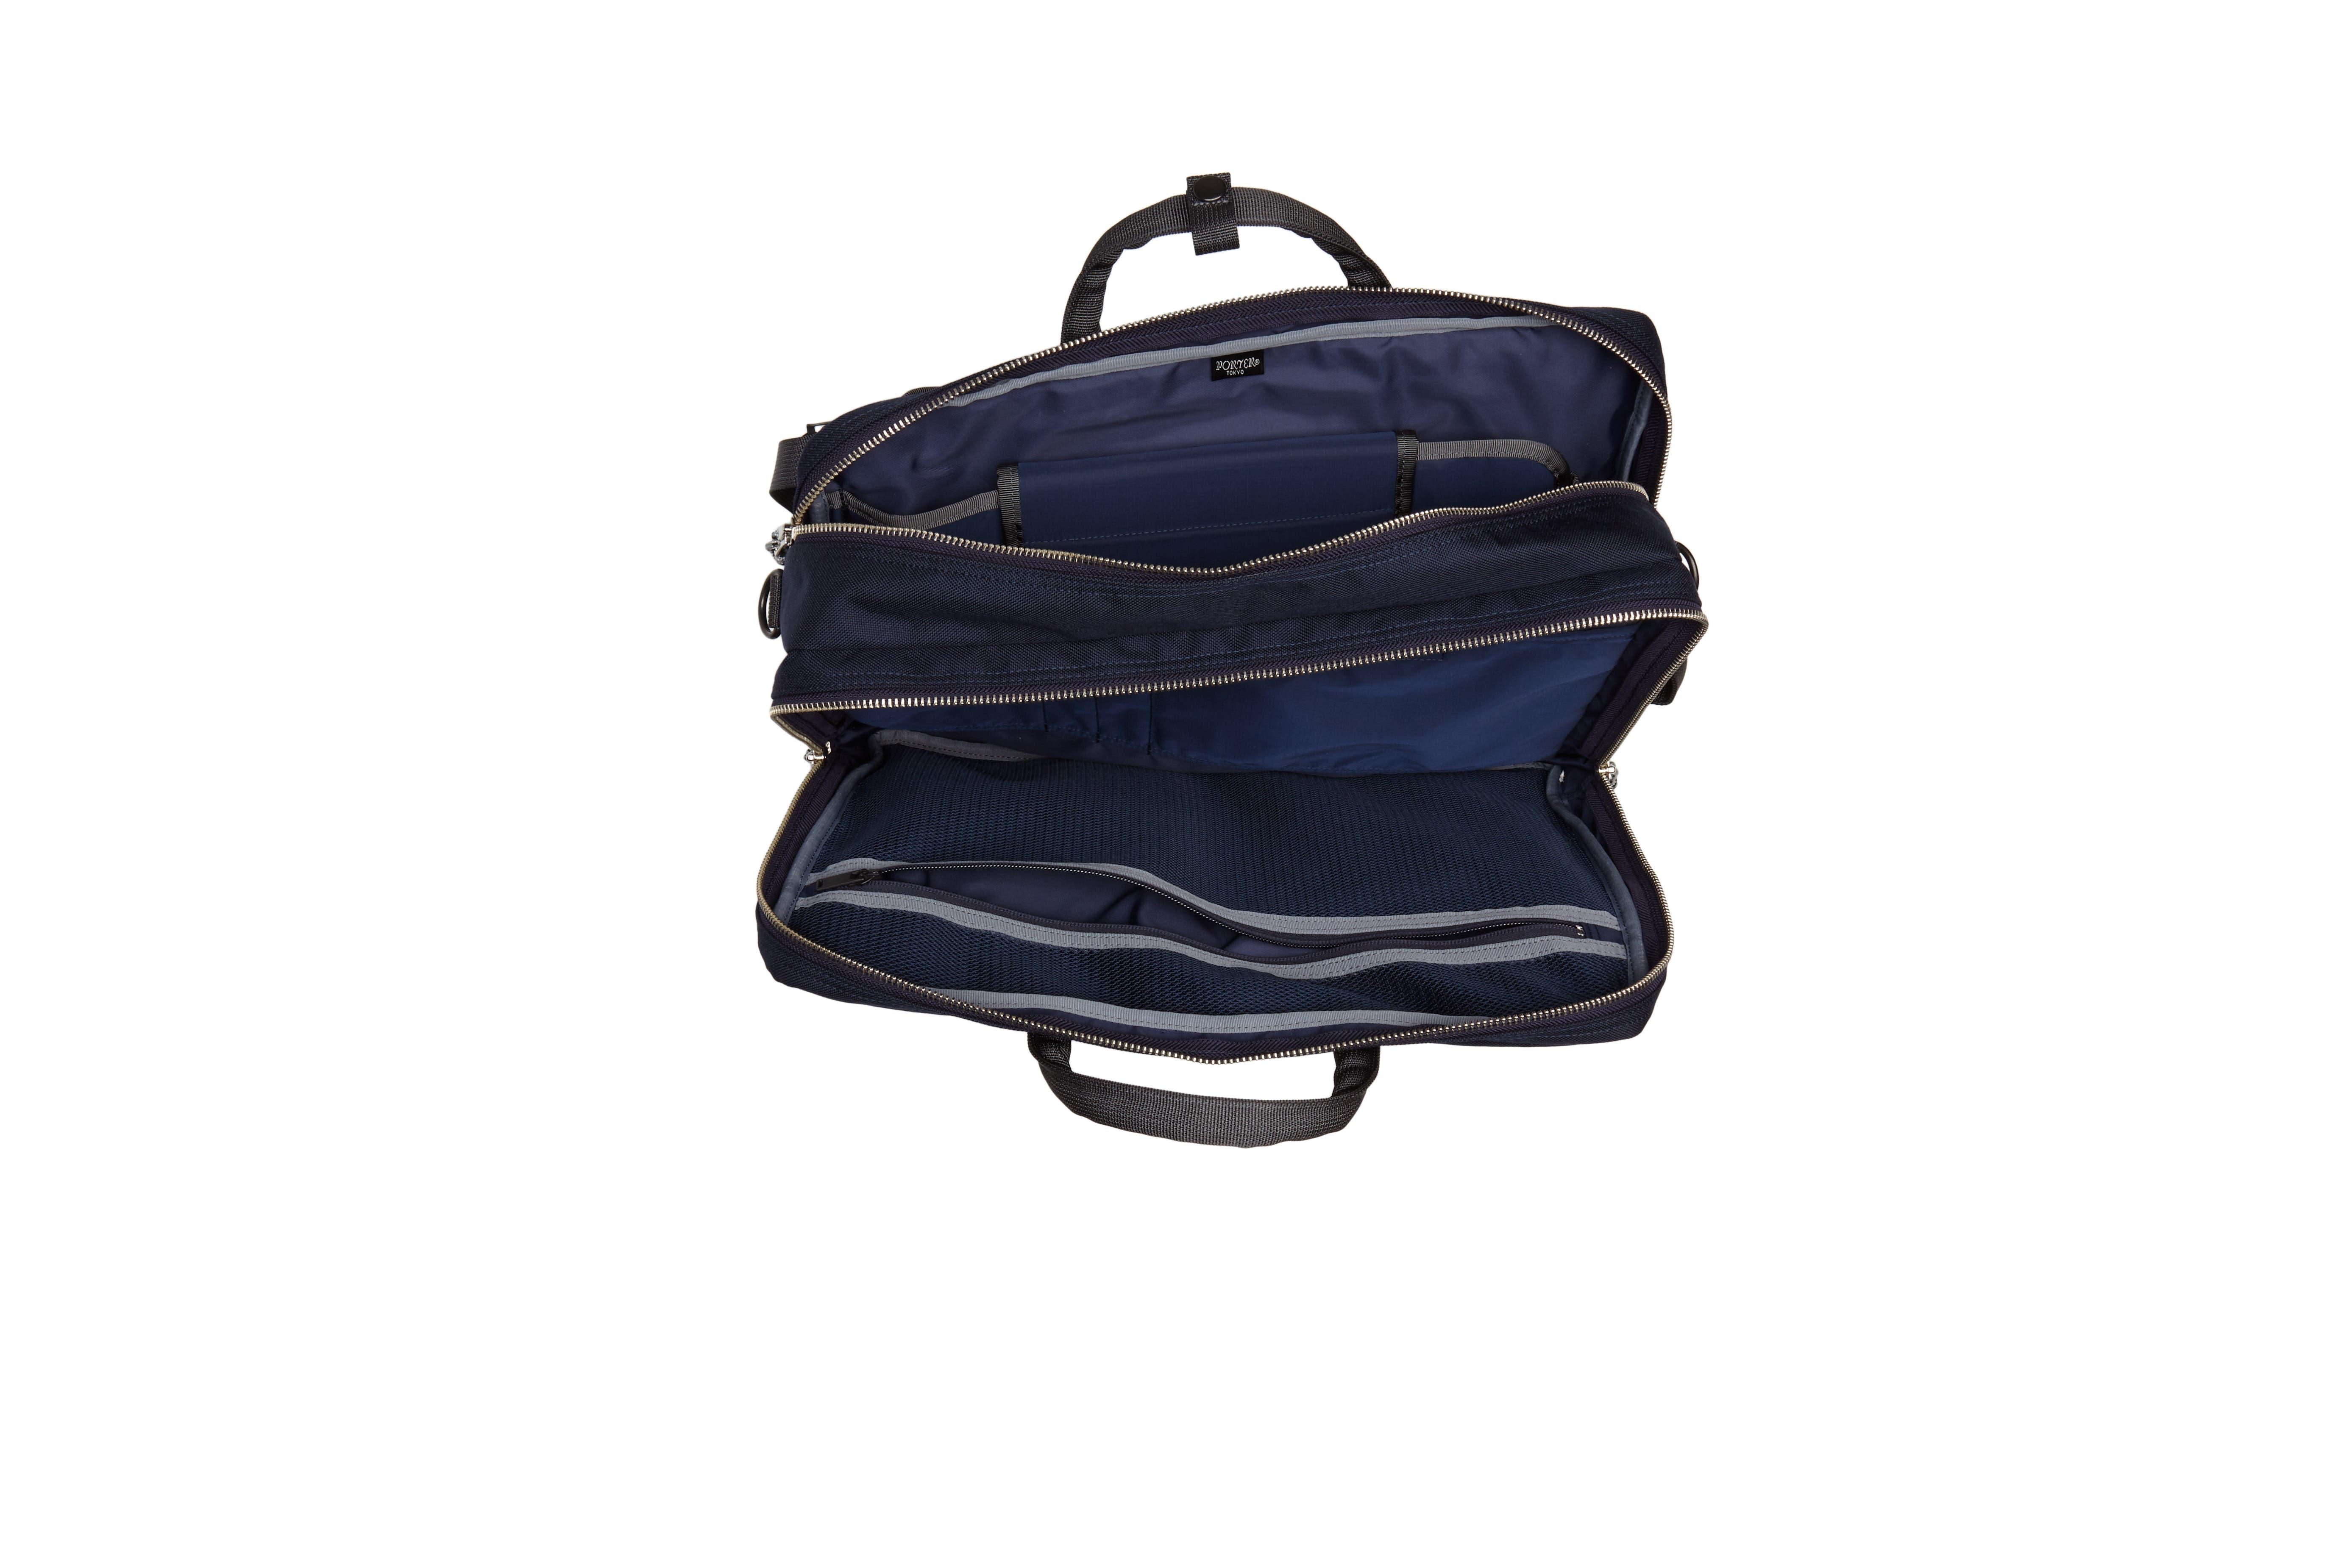 Porter-Yoshida & Co. Hype Convertible Briefcase,                             Alternate thumbnail 4, color,                             Navy/ Black